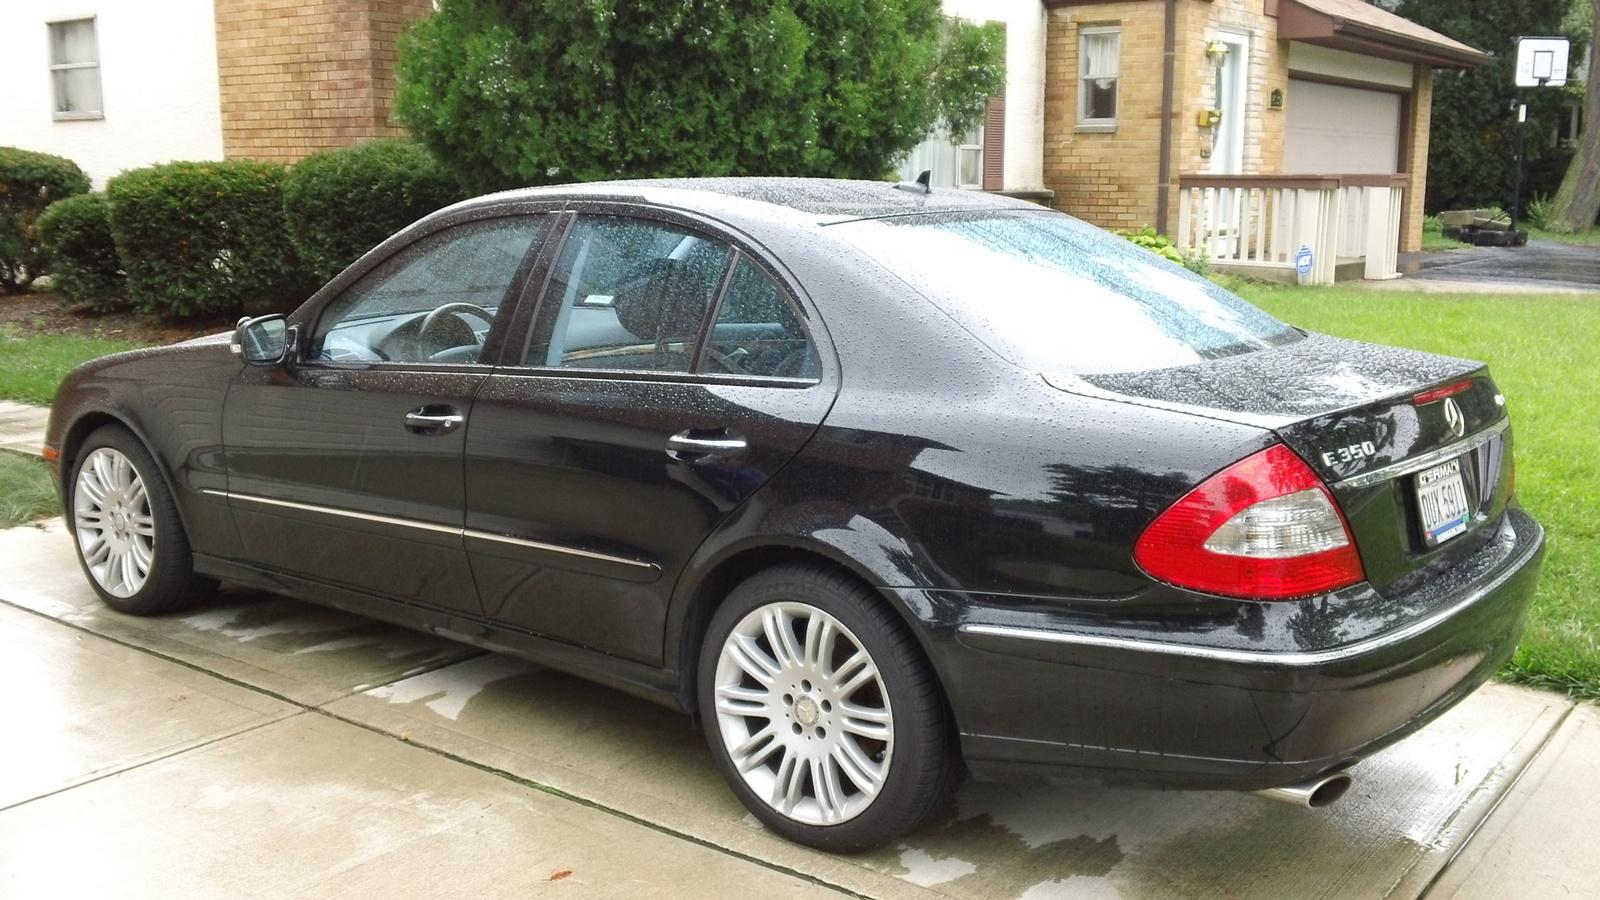 2008 mercedes benz e class pictures cargurus for Mercedes benz 2005 e350 price